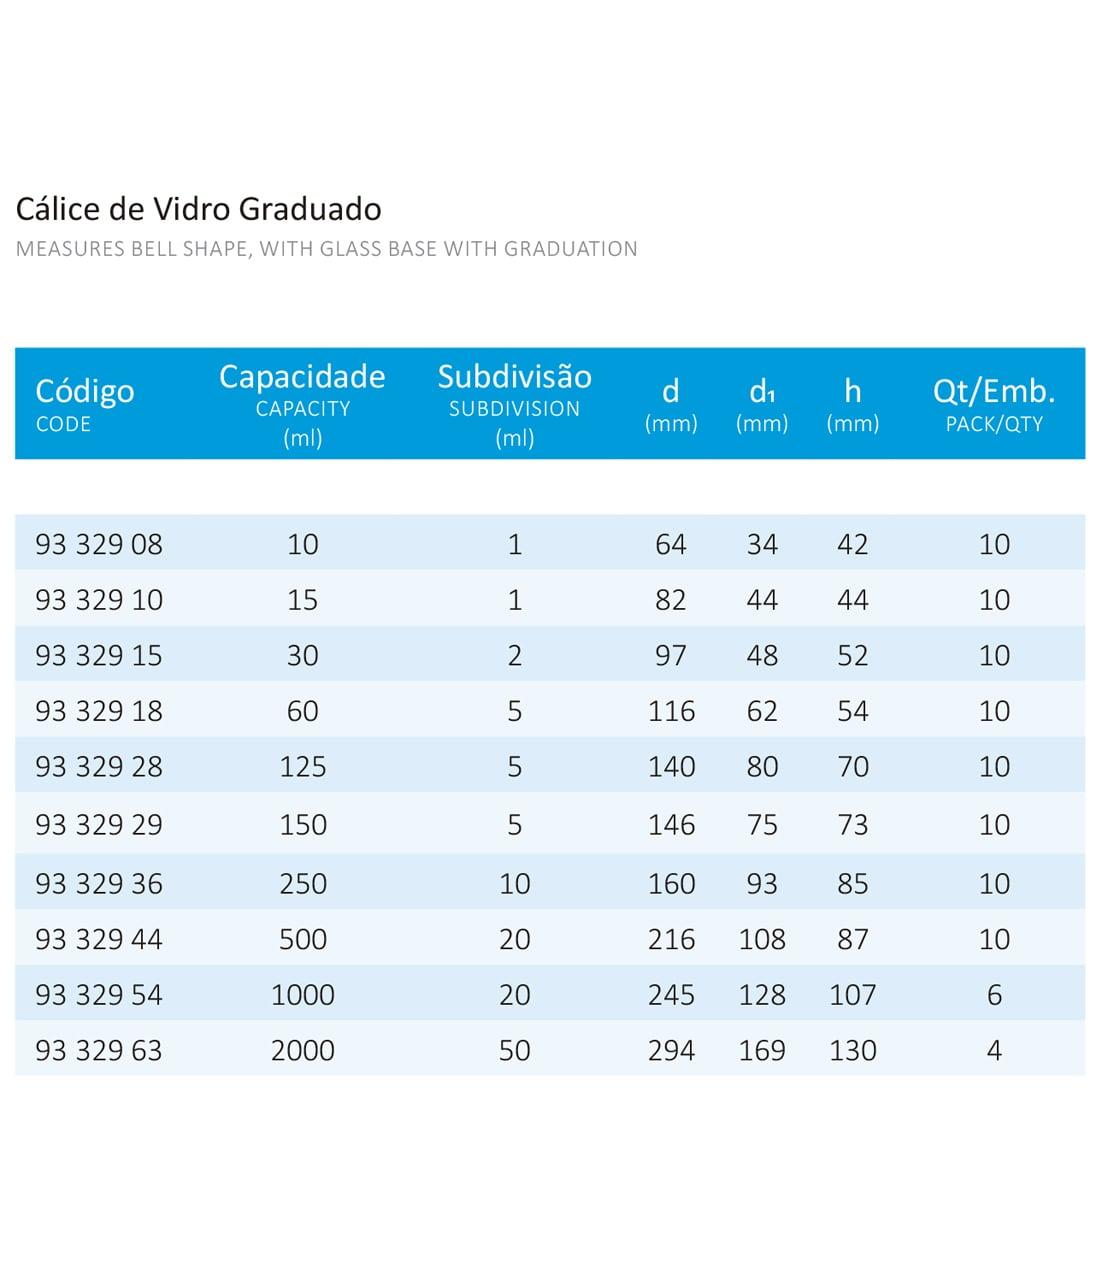 CALICE DE VIDRO GRADUADO 60 ML 5/1 - LAborglas - Cód. 9332918